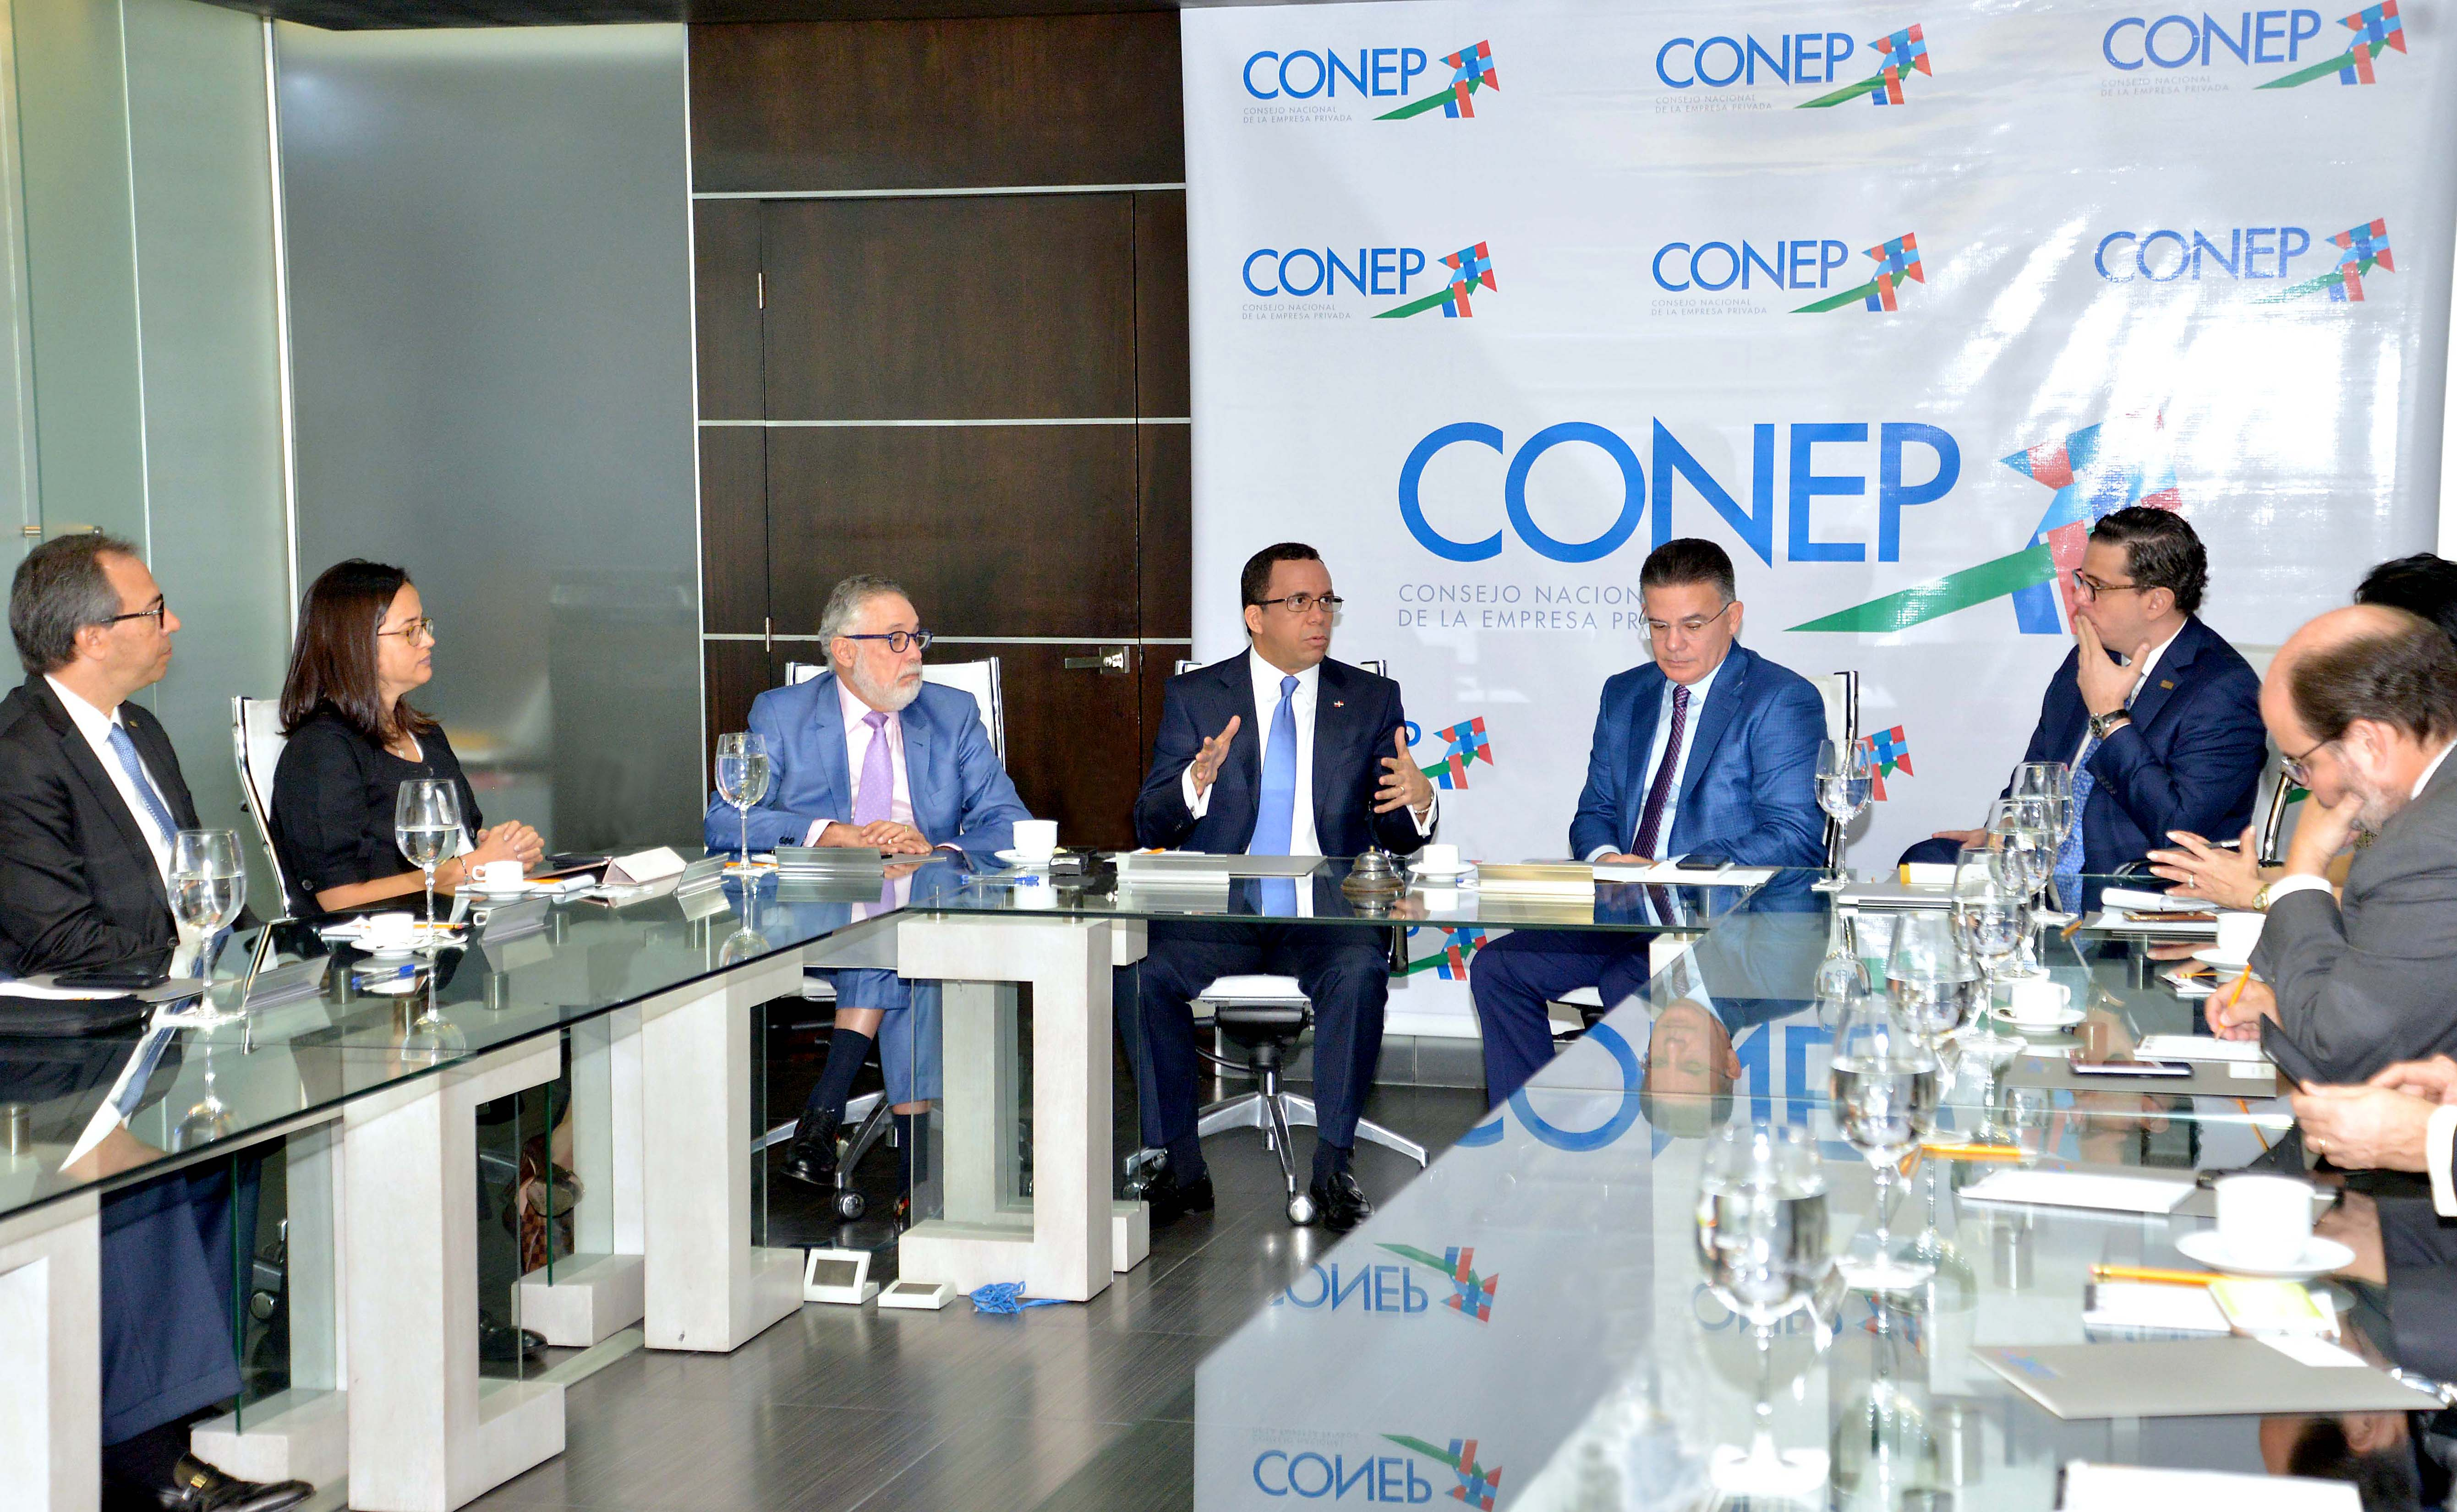 Ministro de Educación se reúne con el CONEP para tratar temas sobre sistema educativo